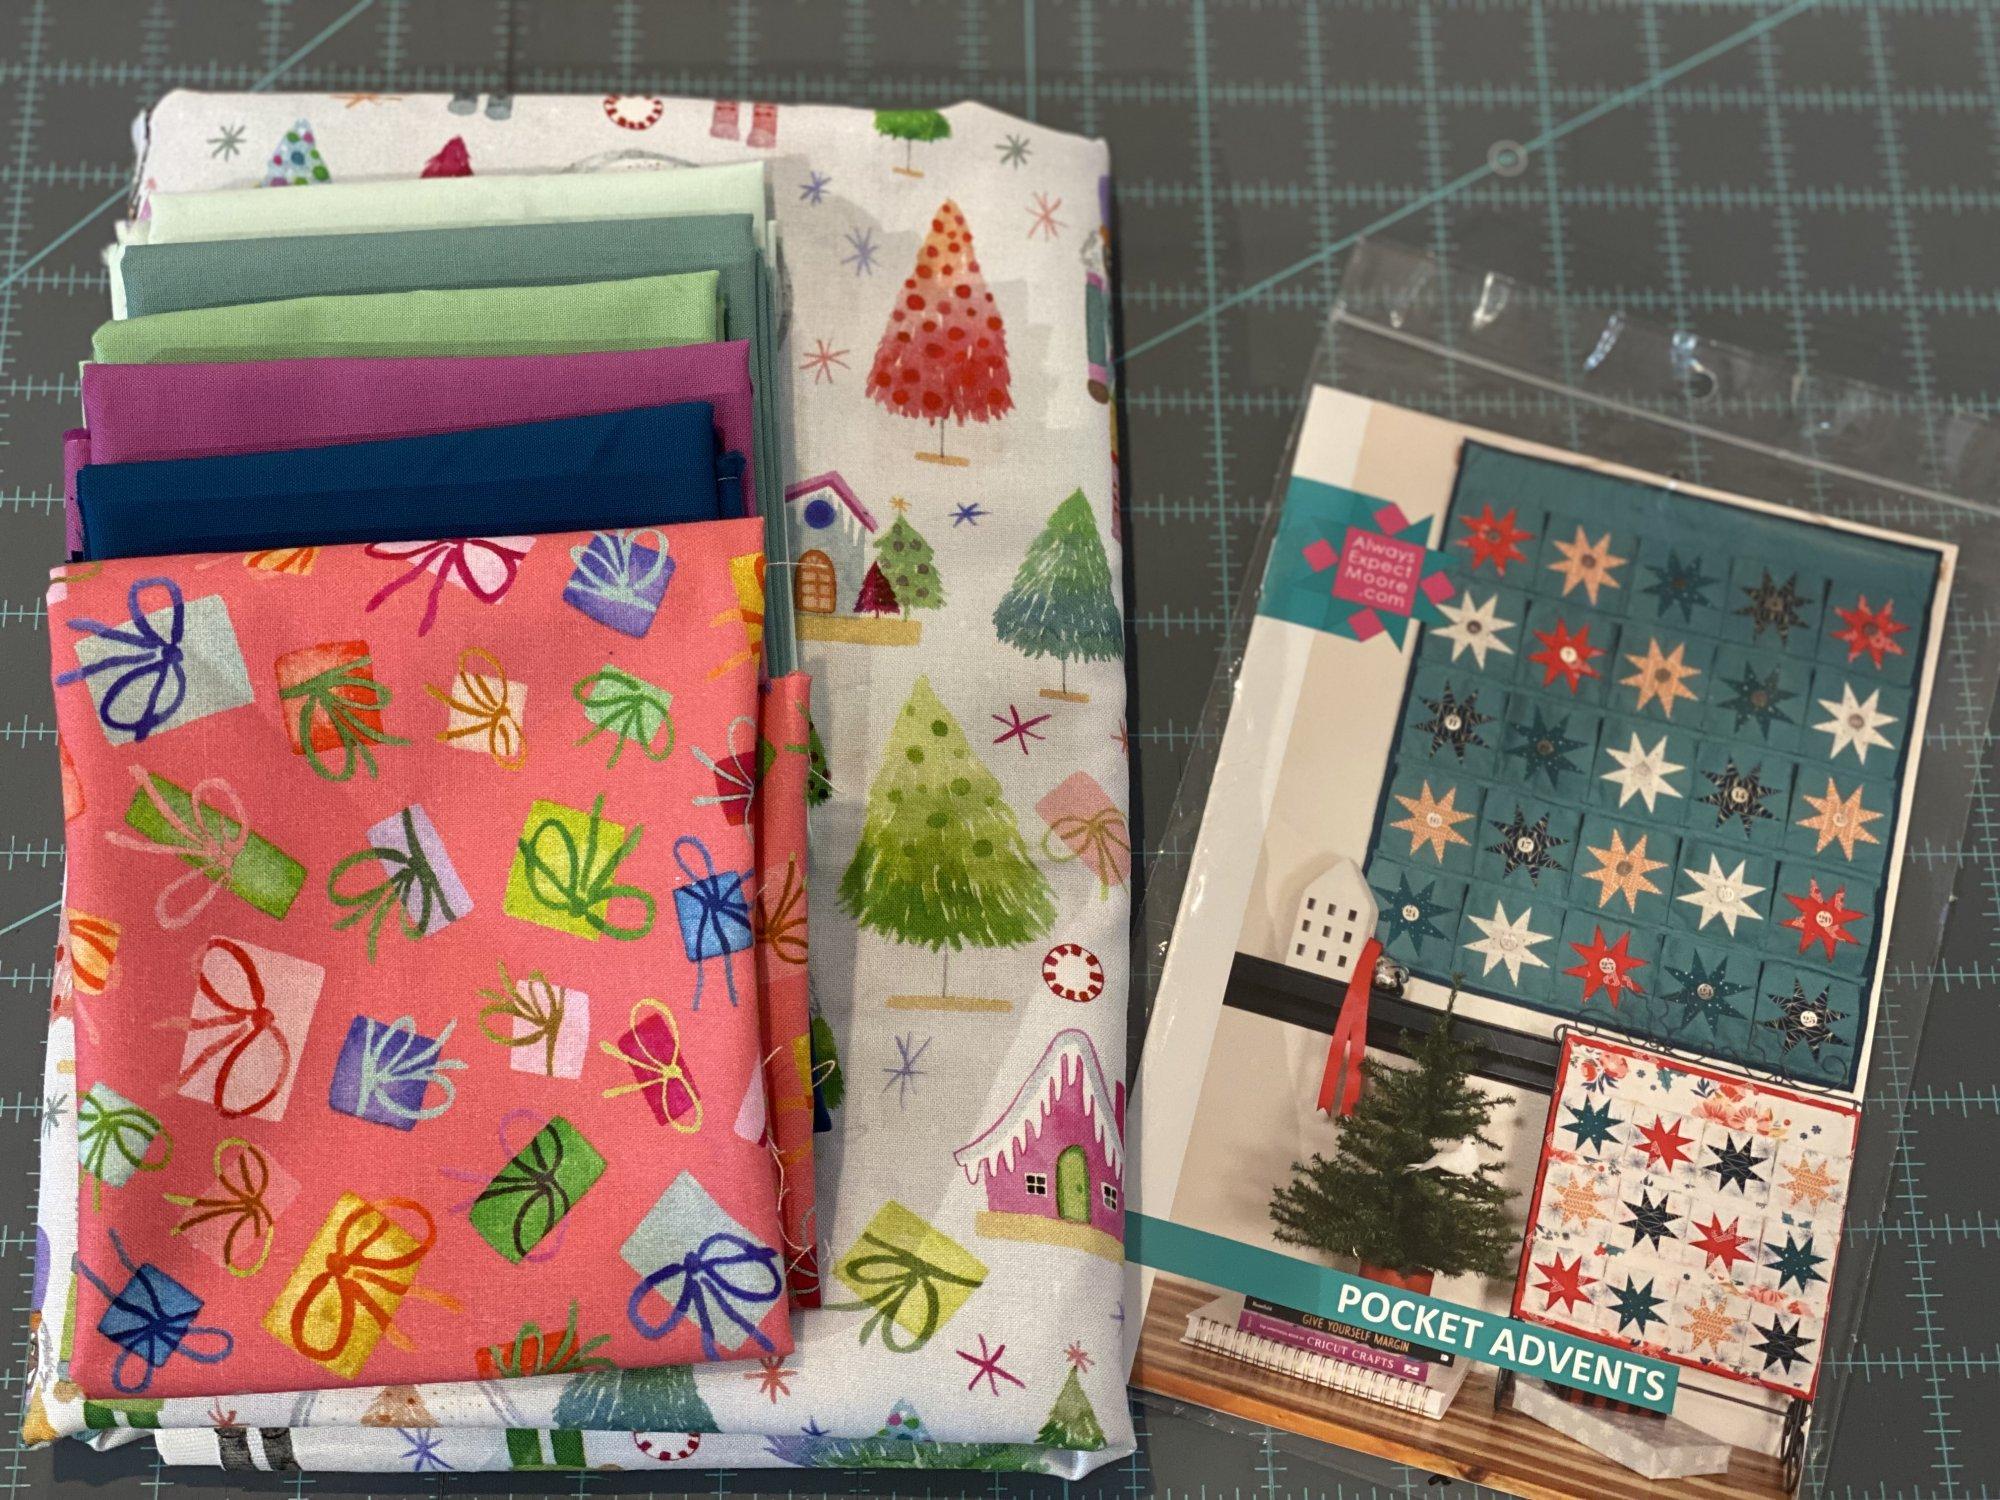 Wonderland Pocket Advent Kit